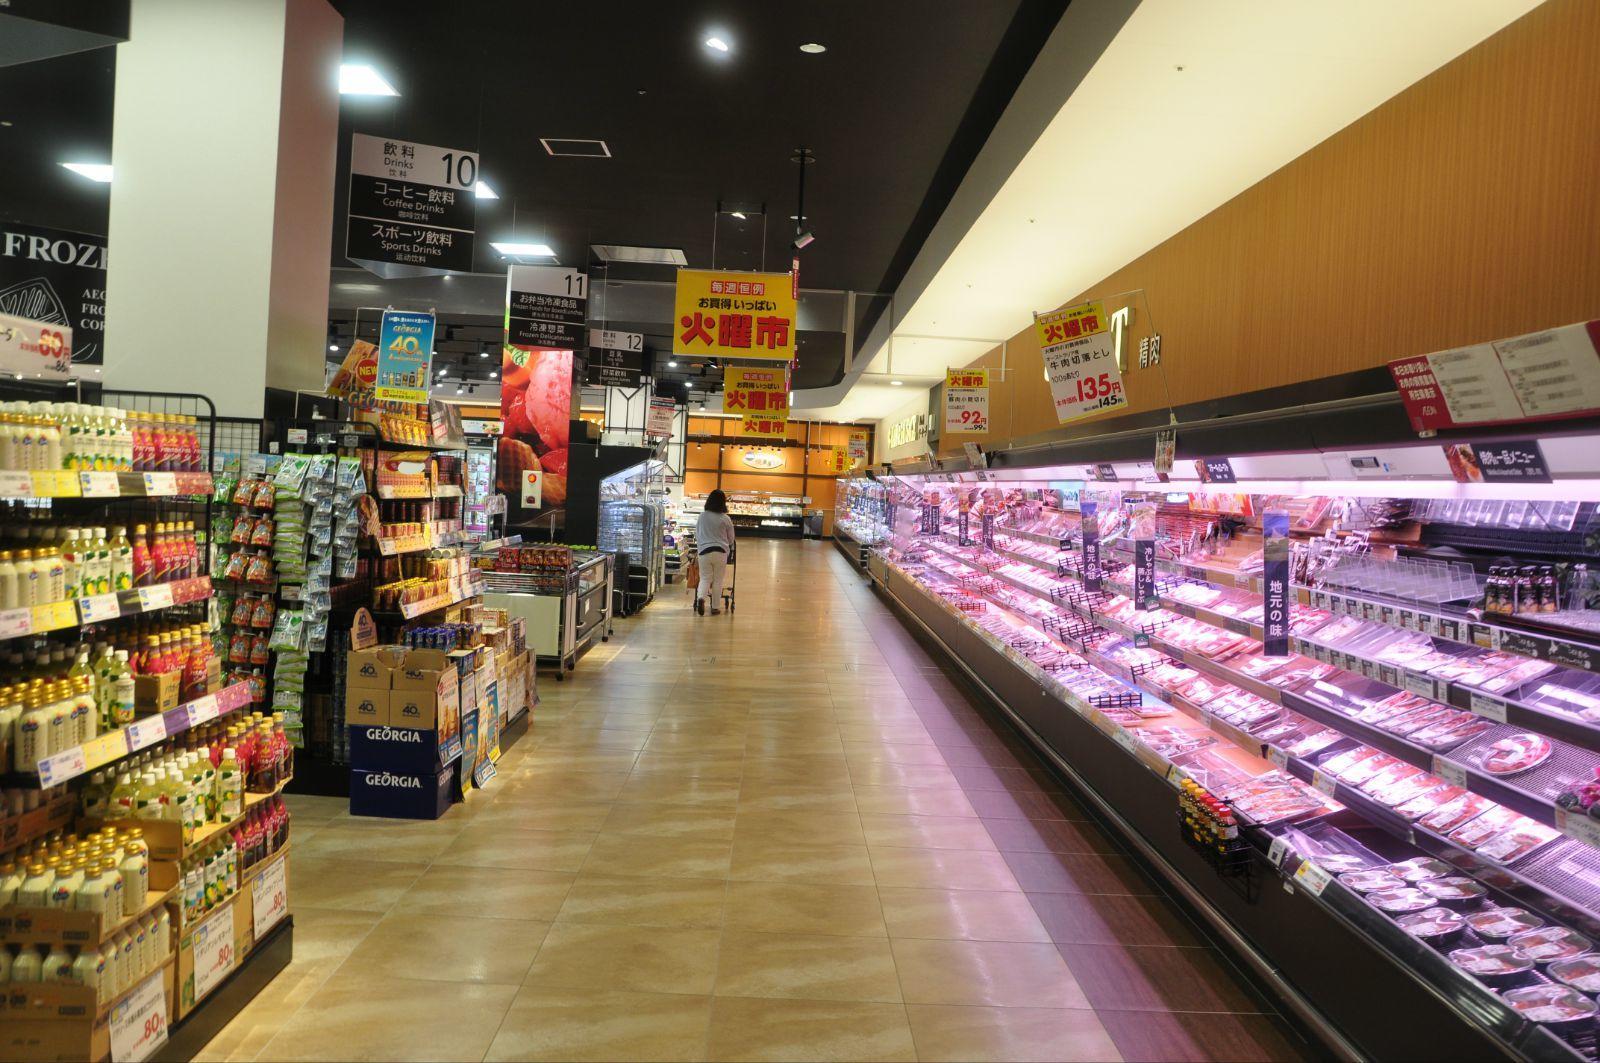 朋友辞职开超市的经历,2017现在开超市挣钱吗?